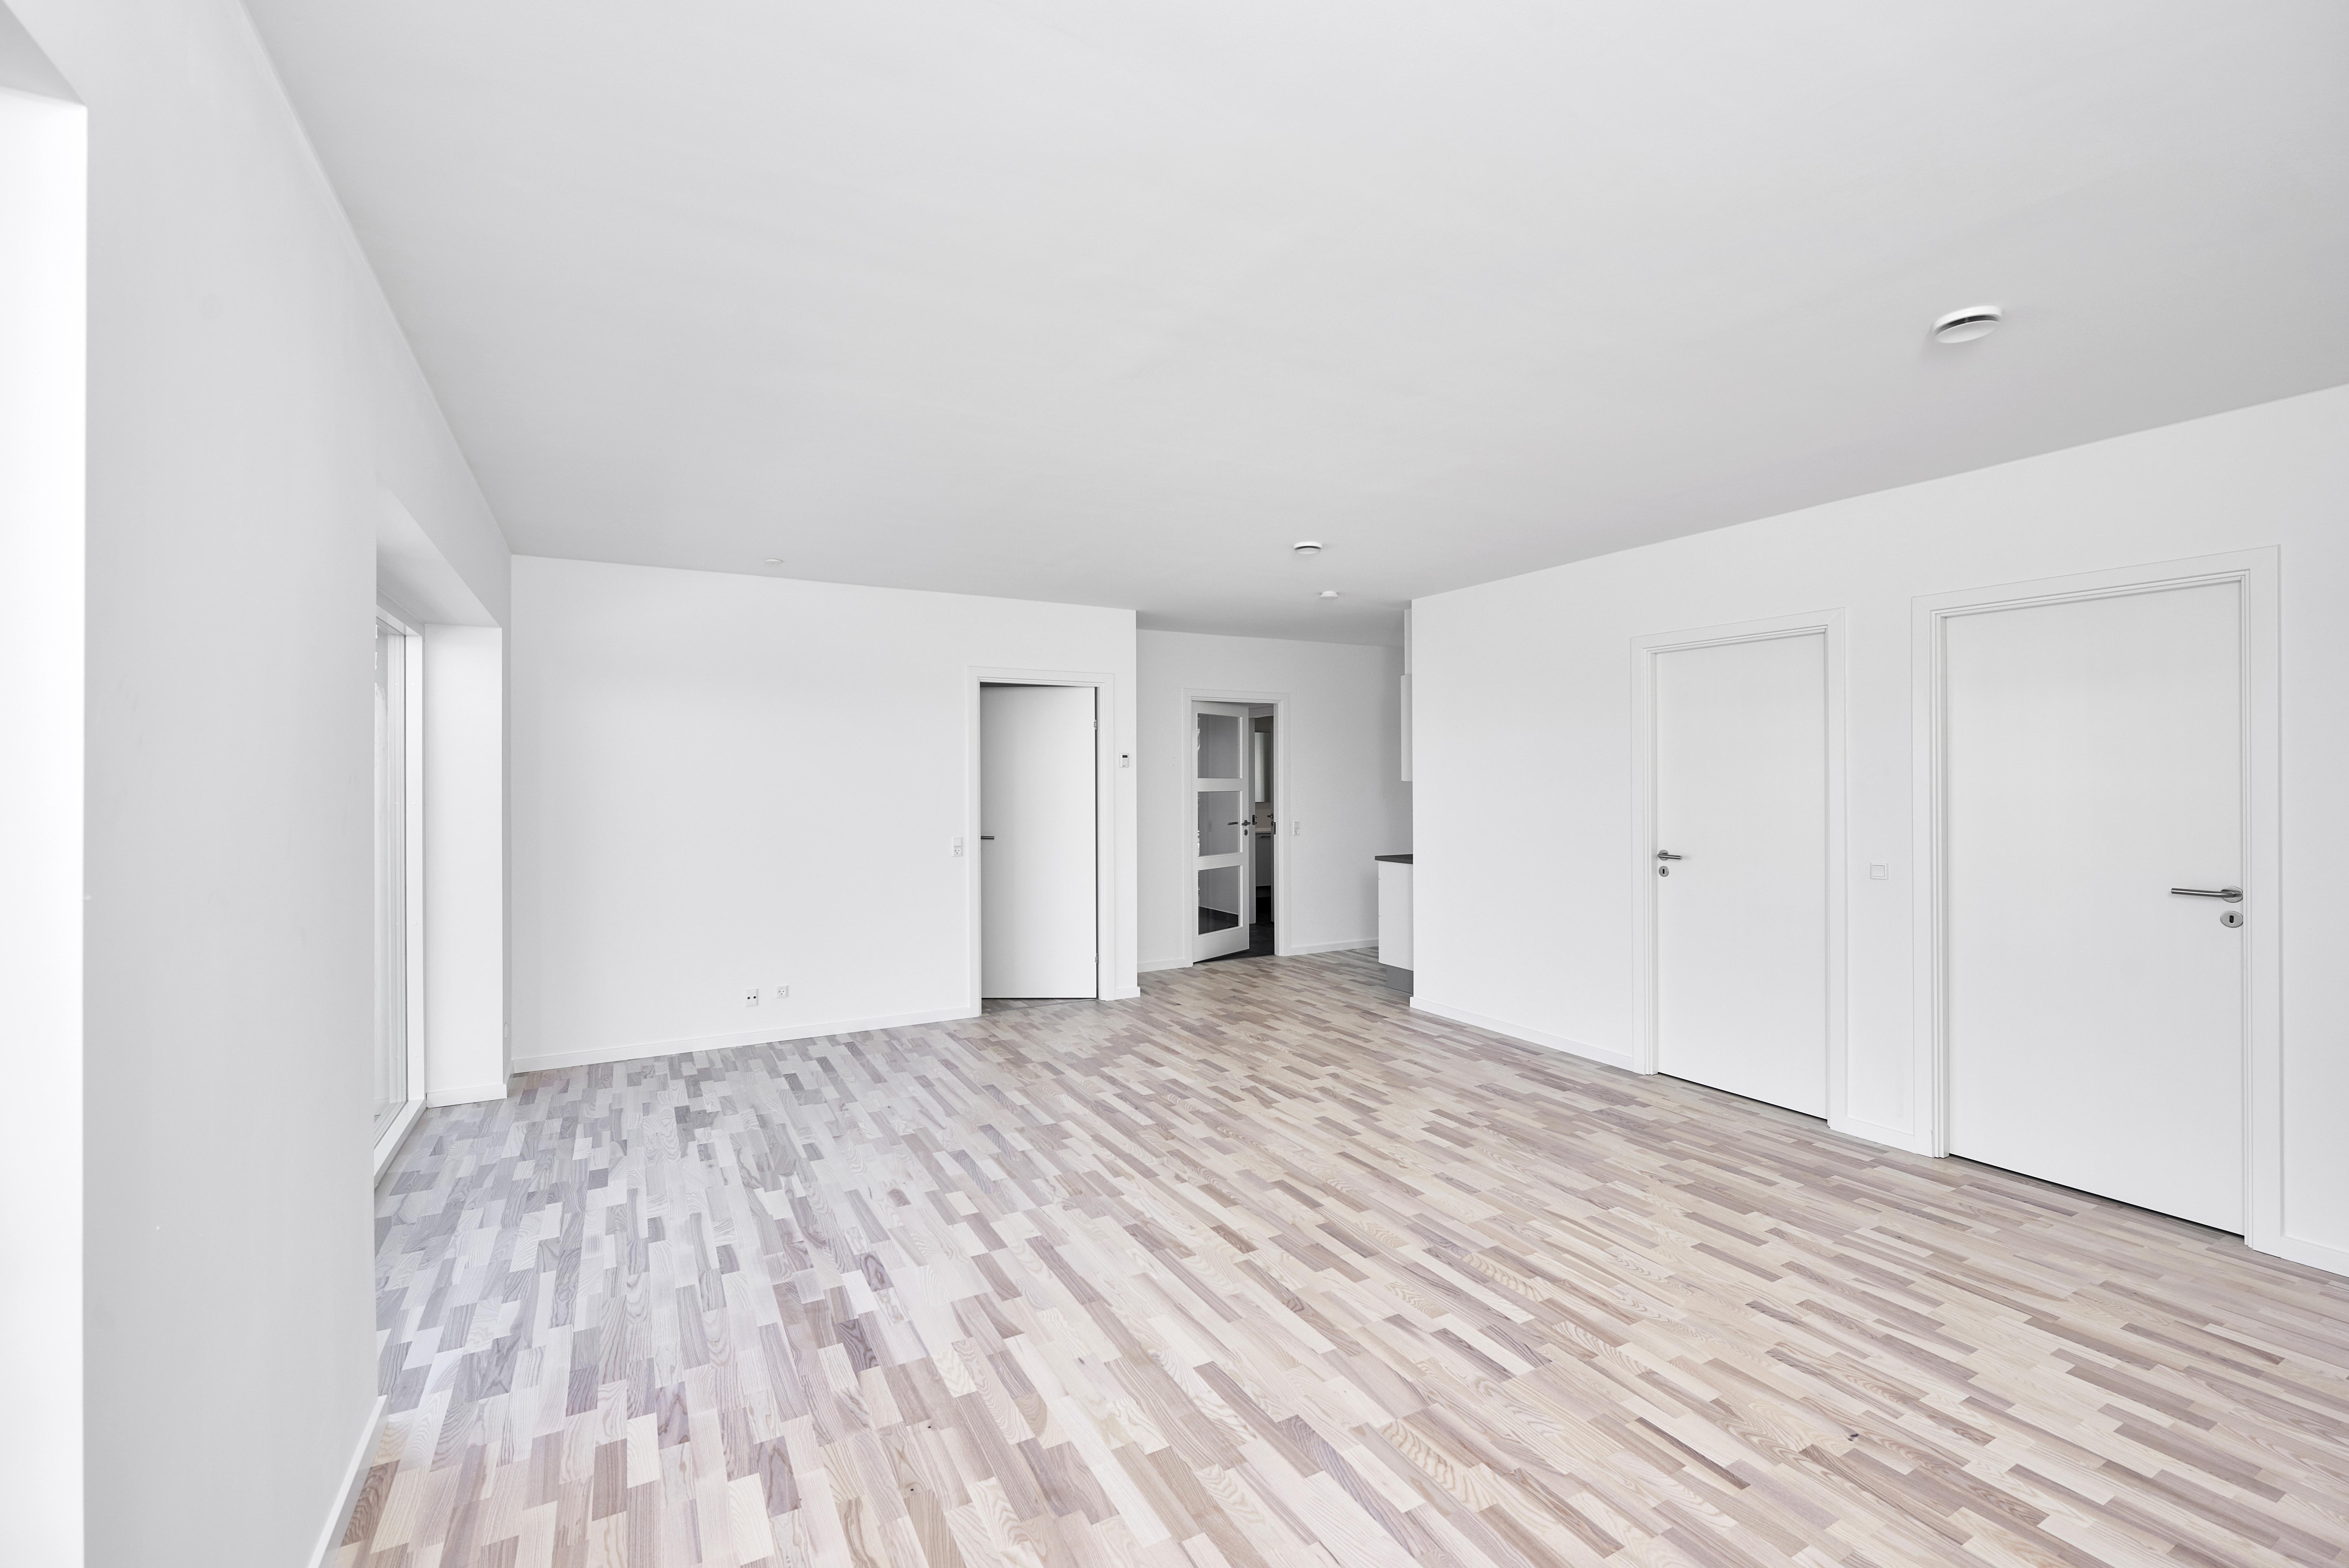 Gyldenhusvej, 3-værelses lejlighed, stue